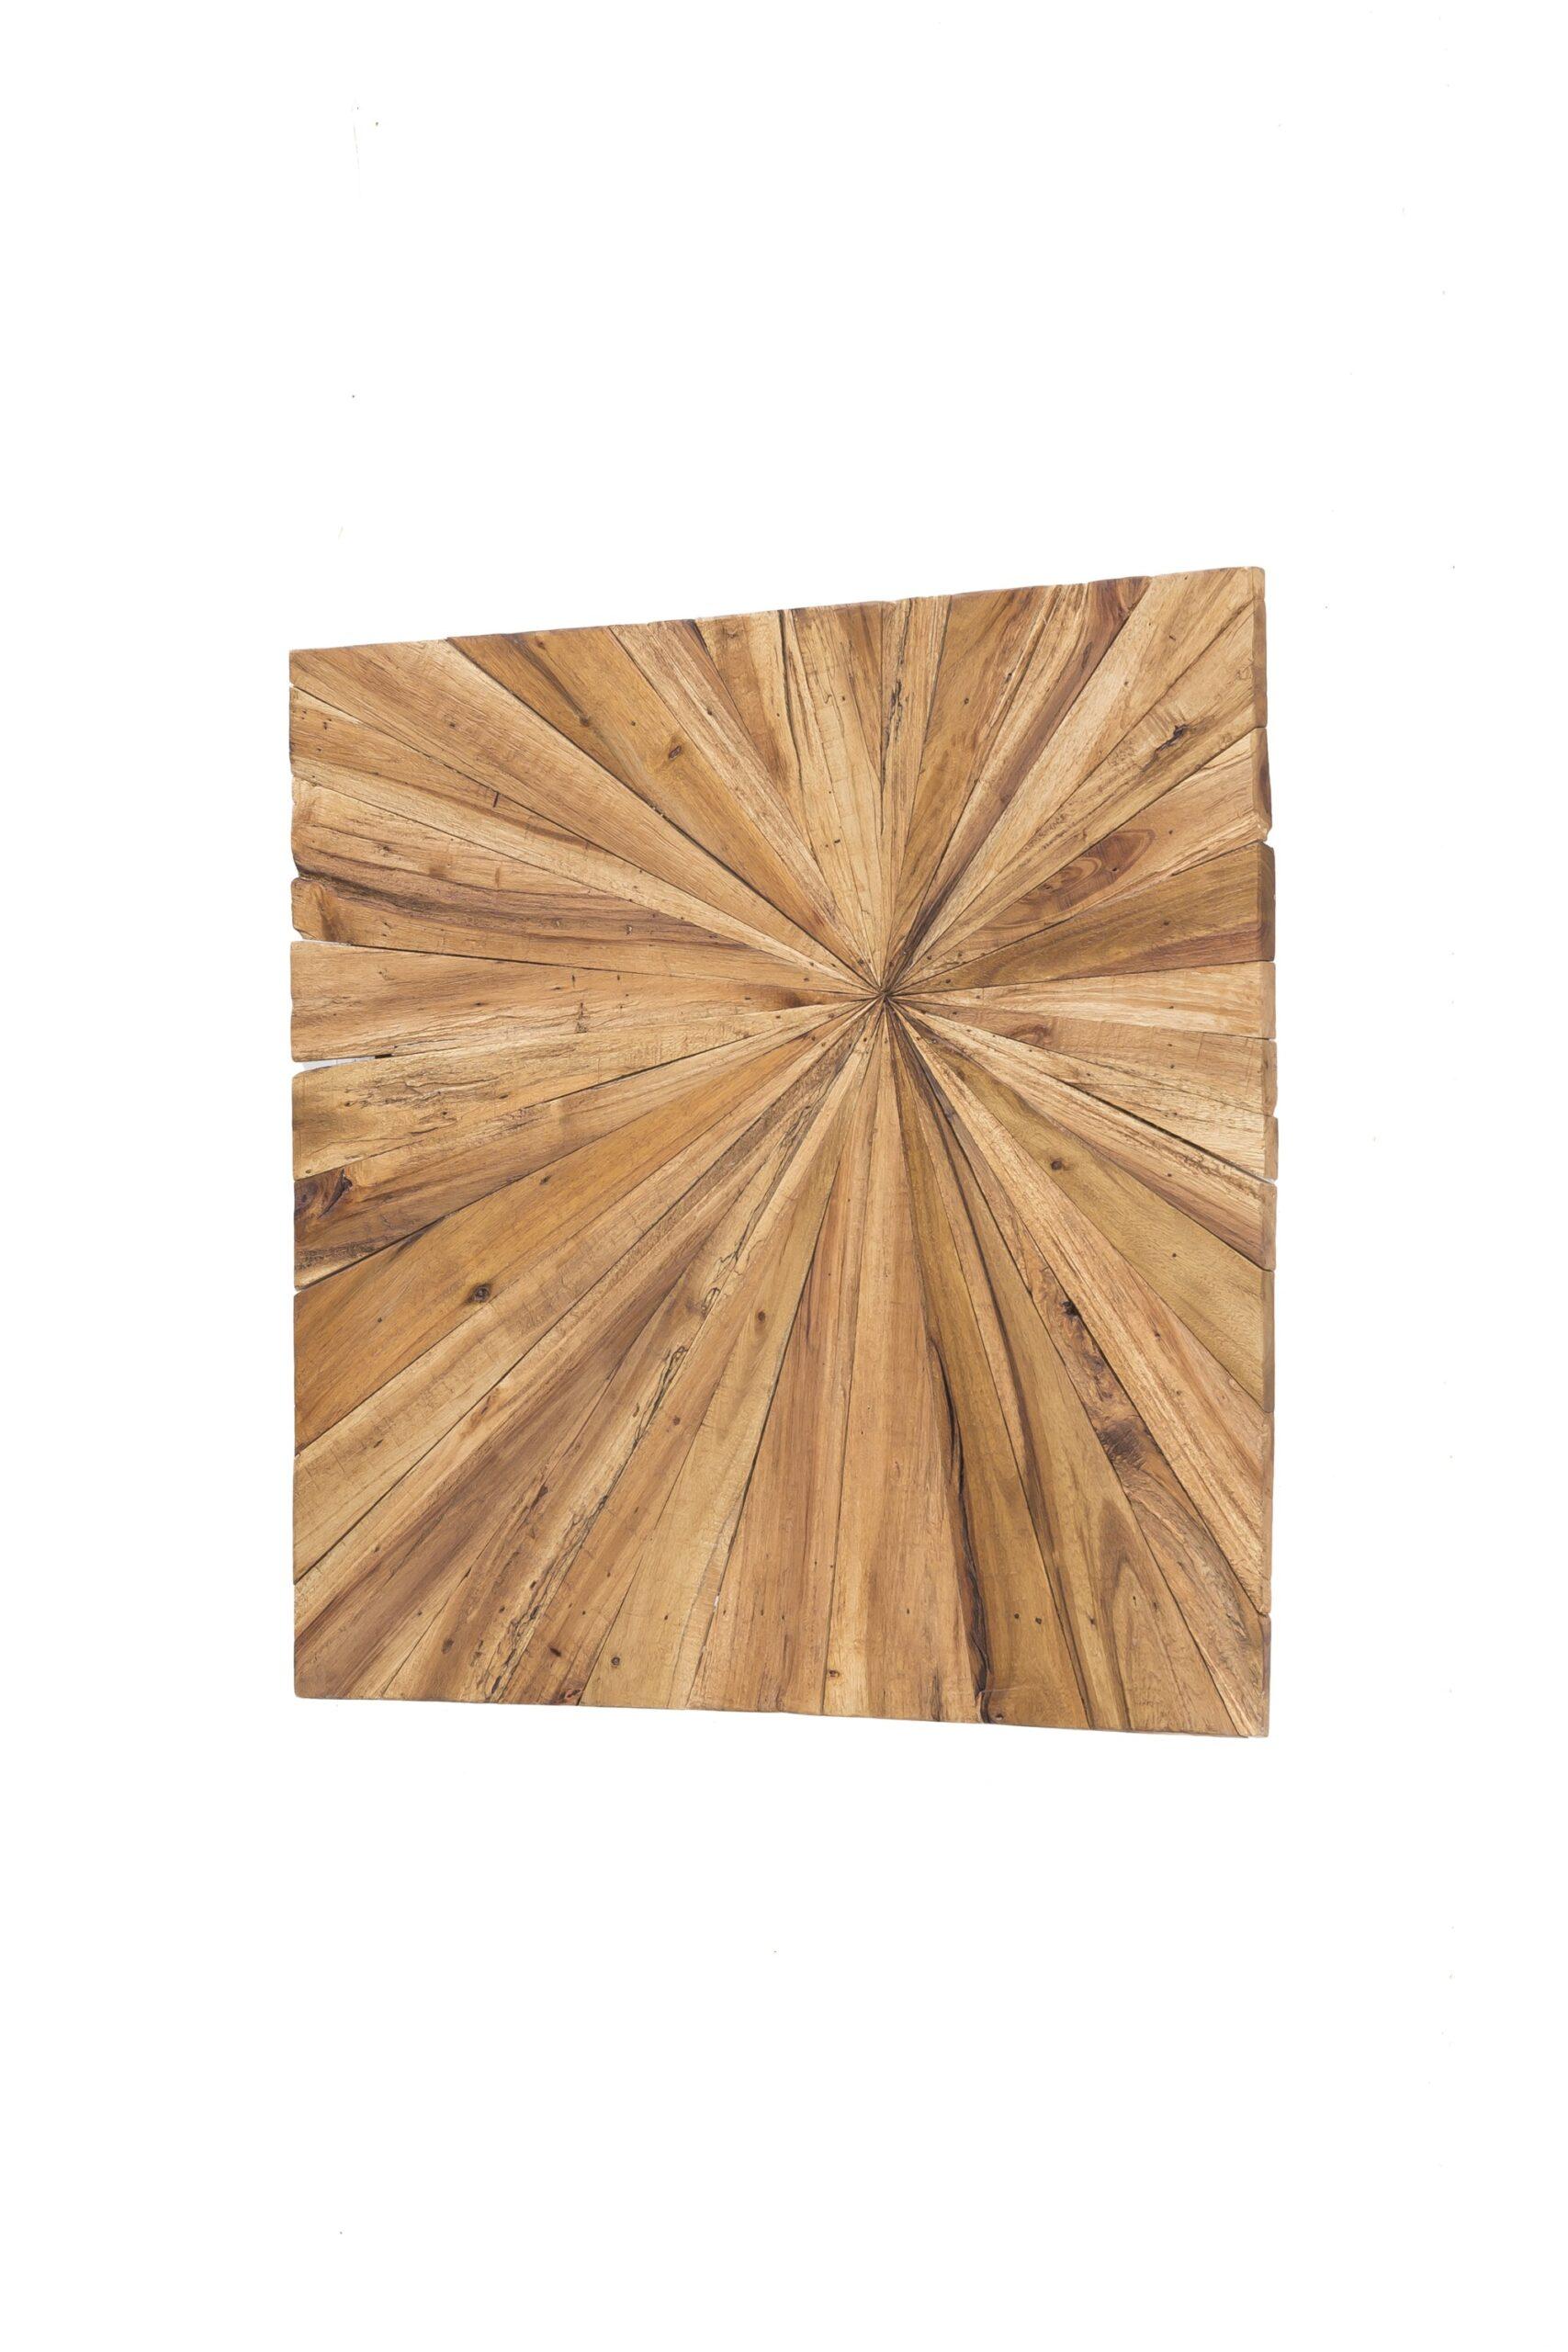 Full Size of Wanddeko Holz Wandbild 70cm Bild Relief Massivholz Handarbeit Esstisch Holzplatte Regal Massivholzküche Betten Aus Holzhaus Garten Bett 180x200 Holzküche Wohnzimmer Wanddeko Holz